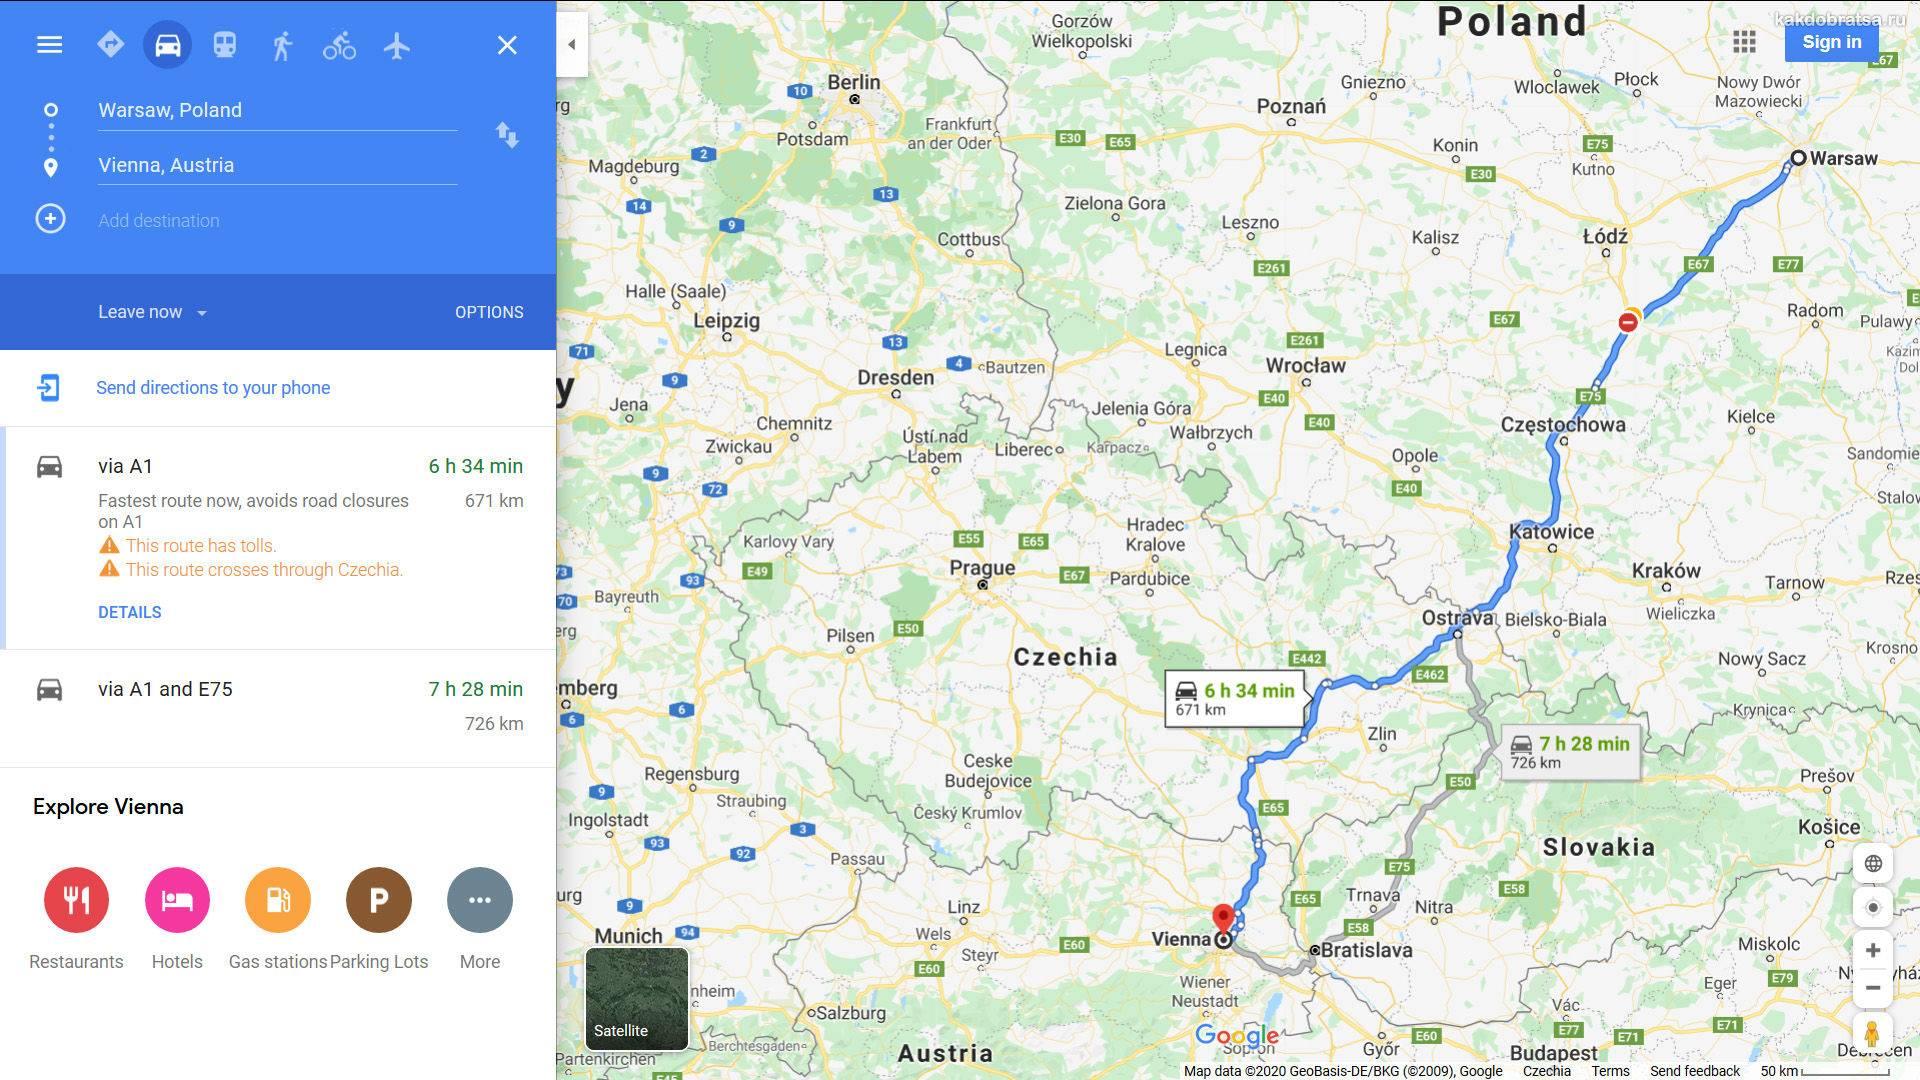 Как добраться из берлина в кёльн: автобус, поезд, машина. расстояние, цены на билеты и расписание 2021 на туристер.ру